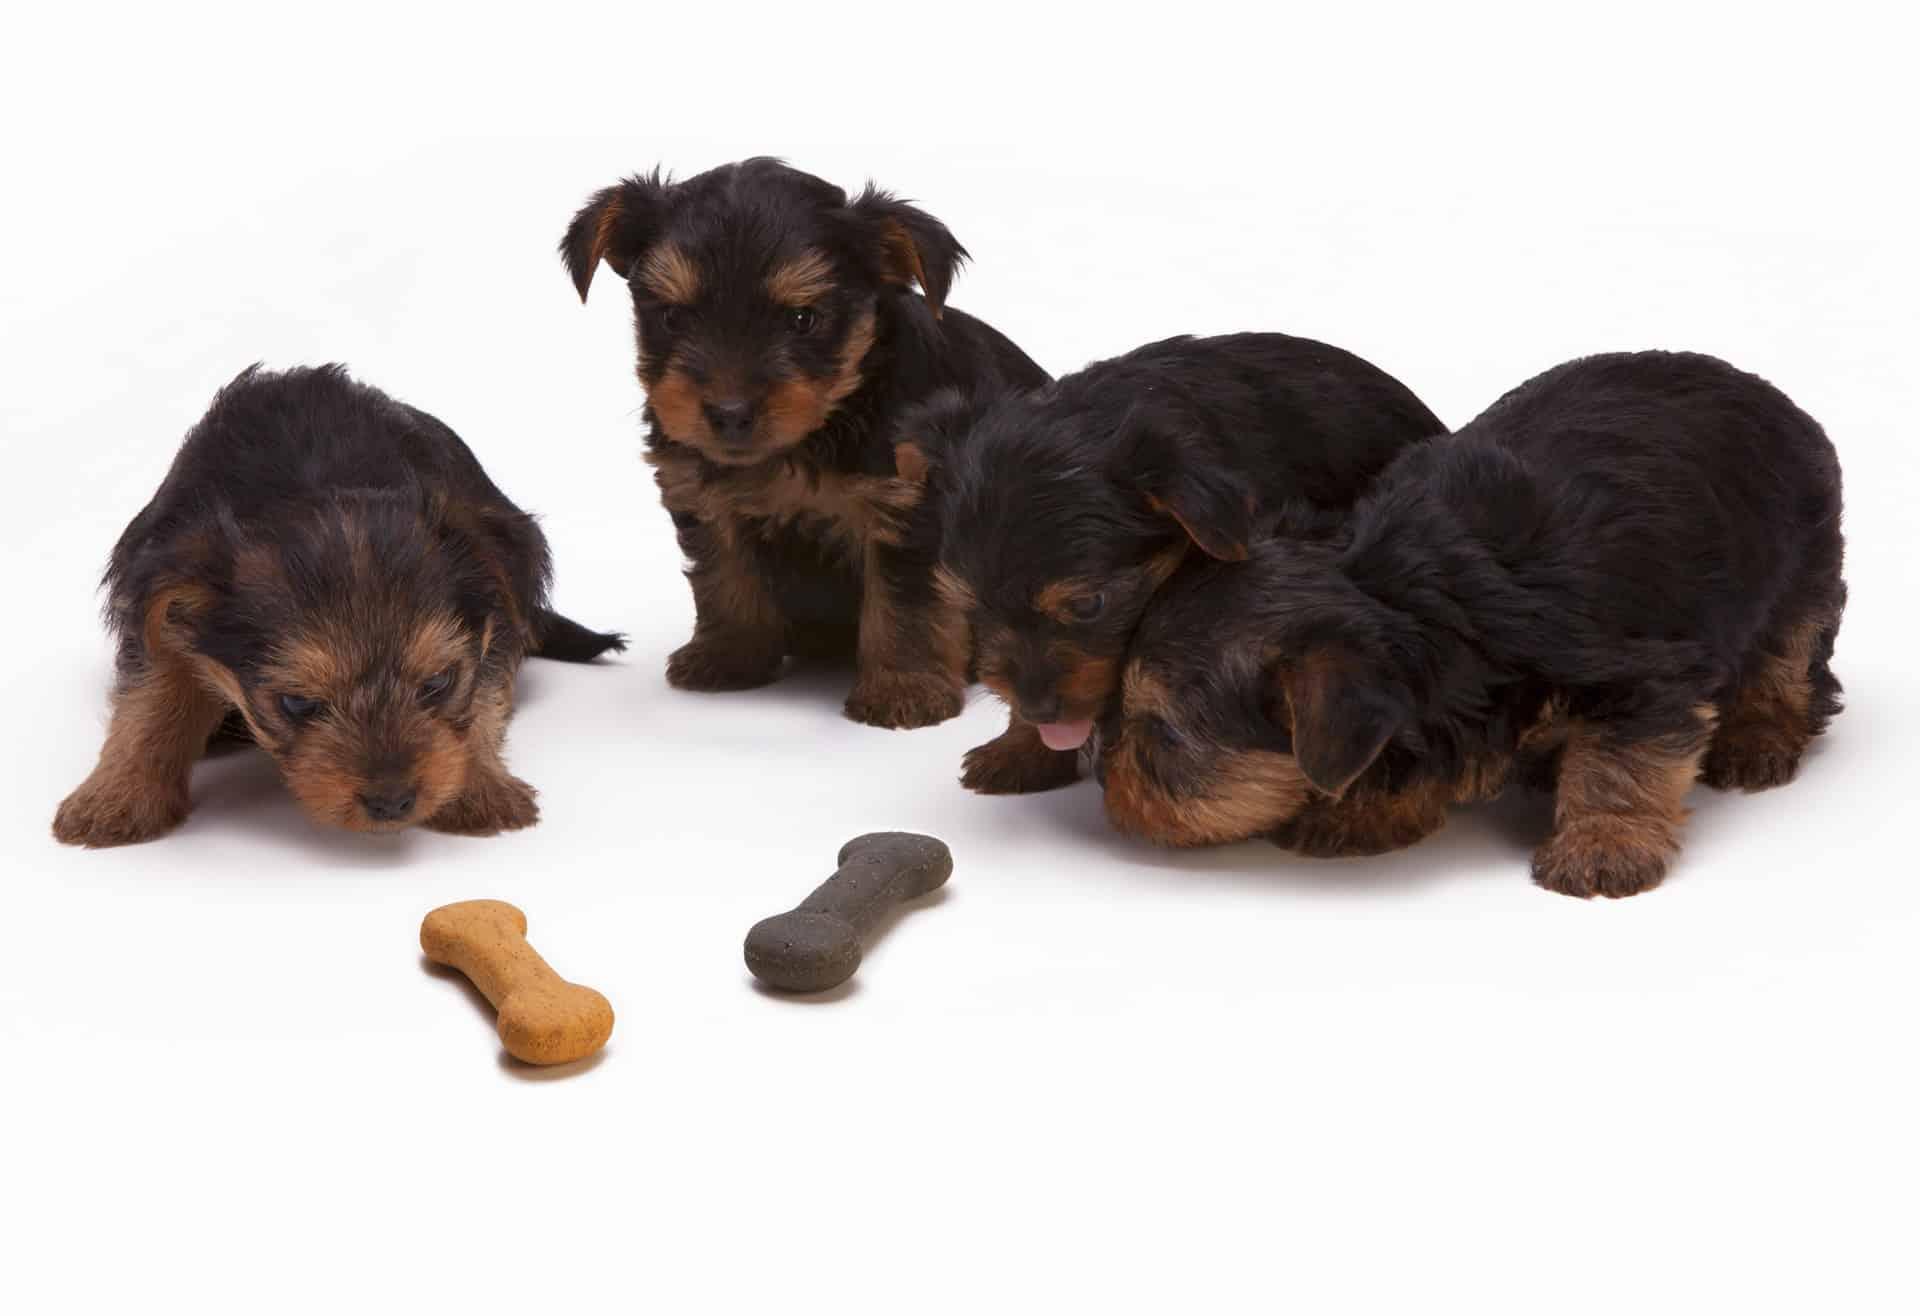 Hundewelpen mit zwei Trockenfutter-Knochen